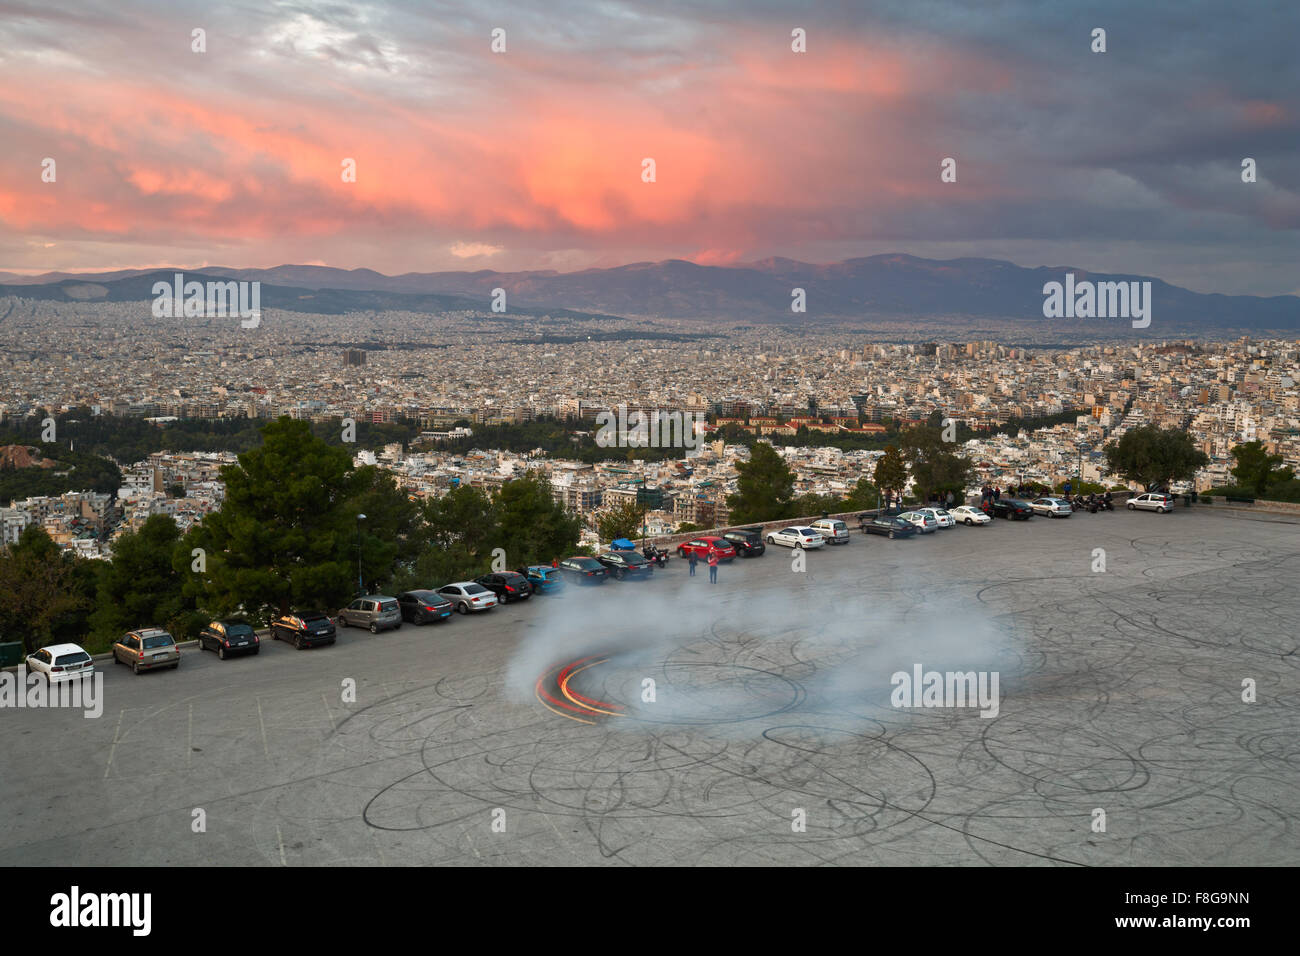 Plaza de aparcamiento en la Colina de Lycabettus, en Atenas, Grecia. Imagen De Stock